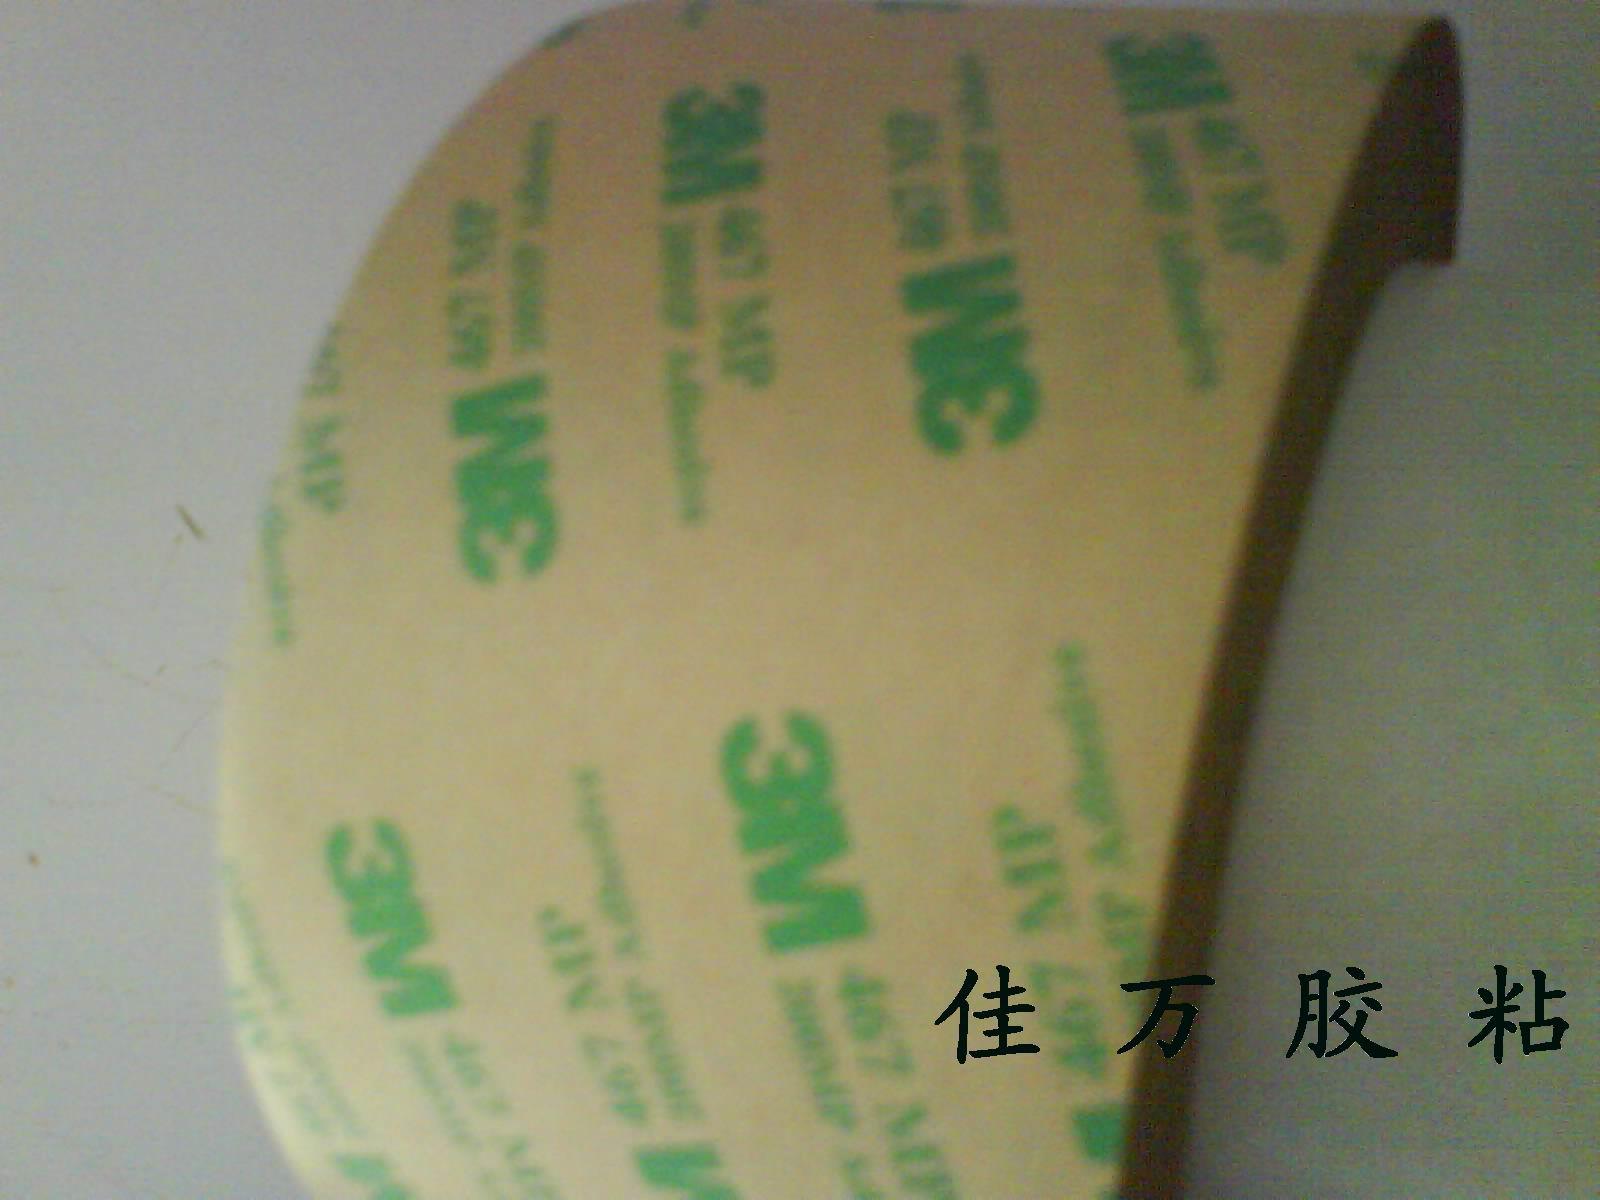 013(mm) 颜色 透明 适用范围 薄膜开关,柔性线路板,广告标贴,标牌